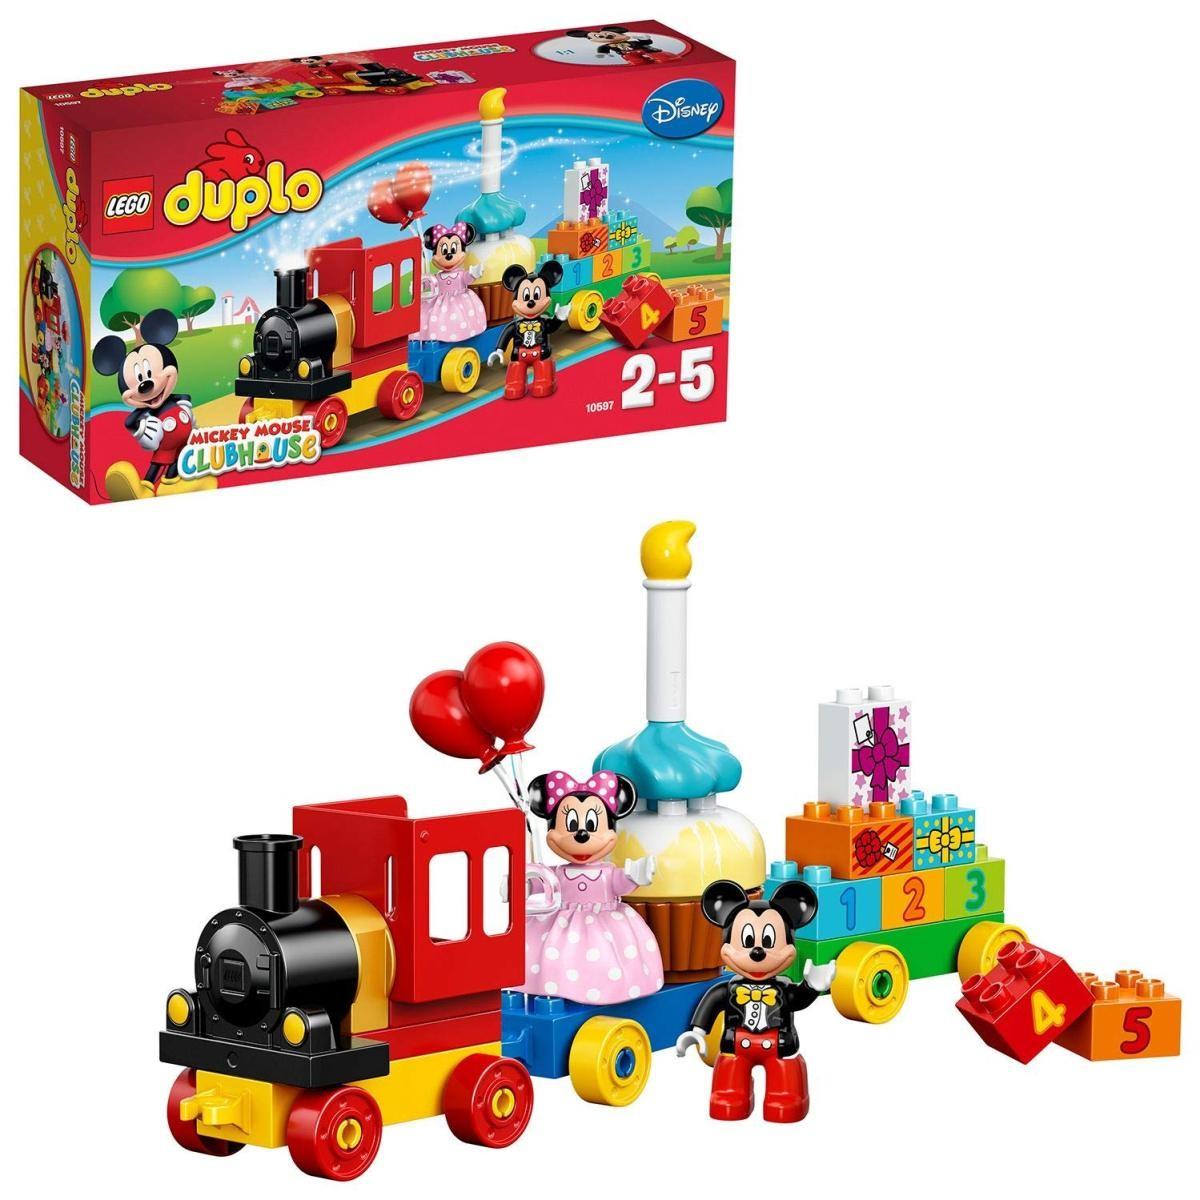 レゴ 10597 ミッキーとミニーのバースデーパレードの商品画像|ナビ